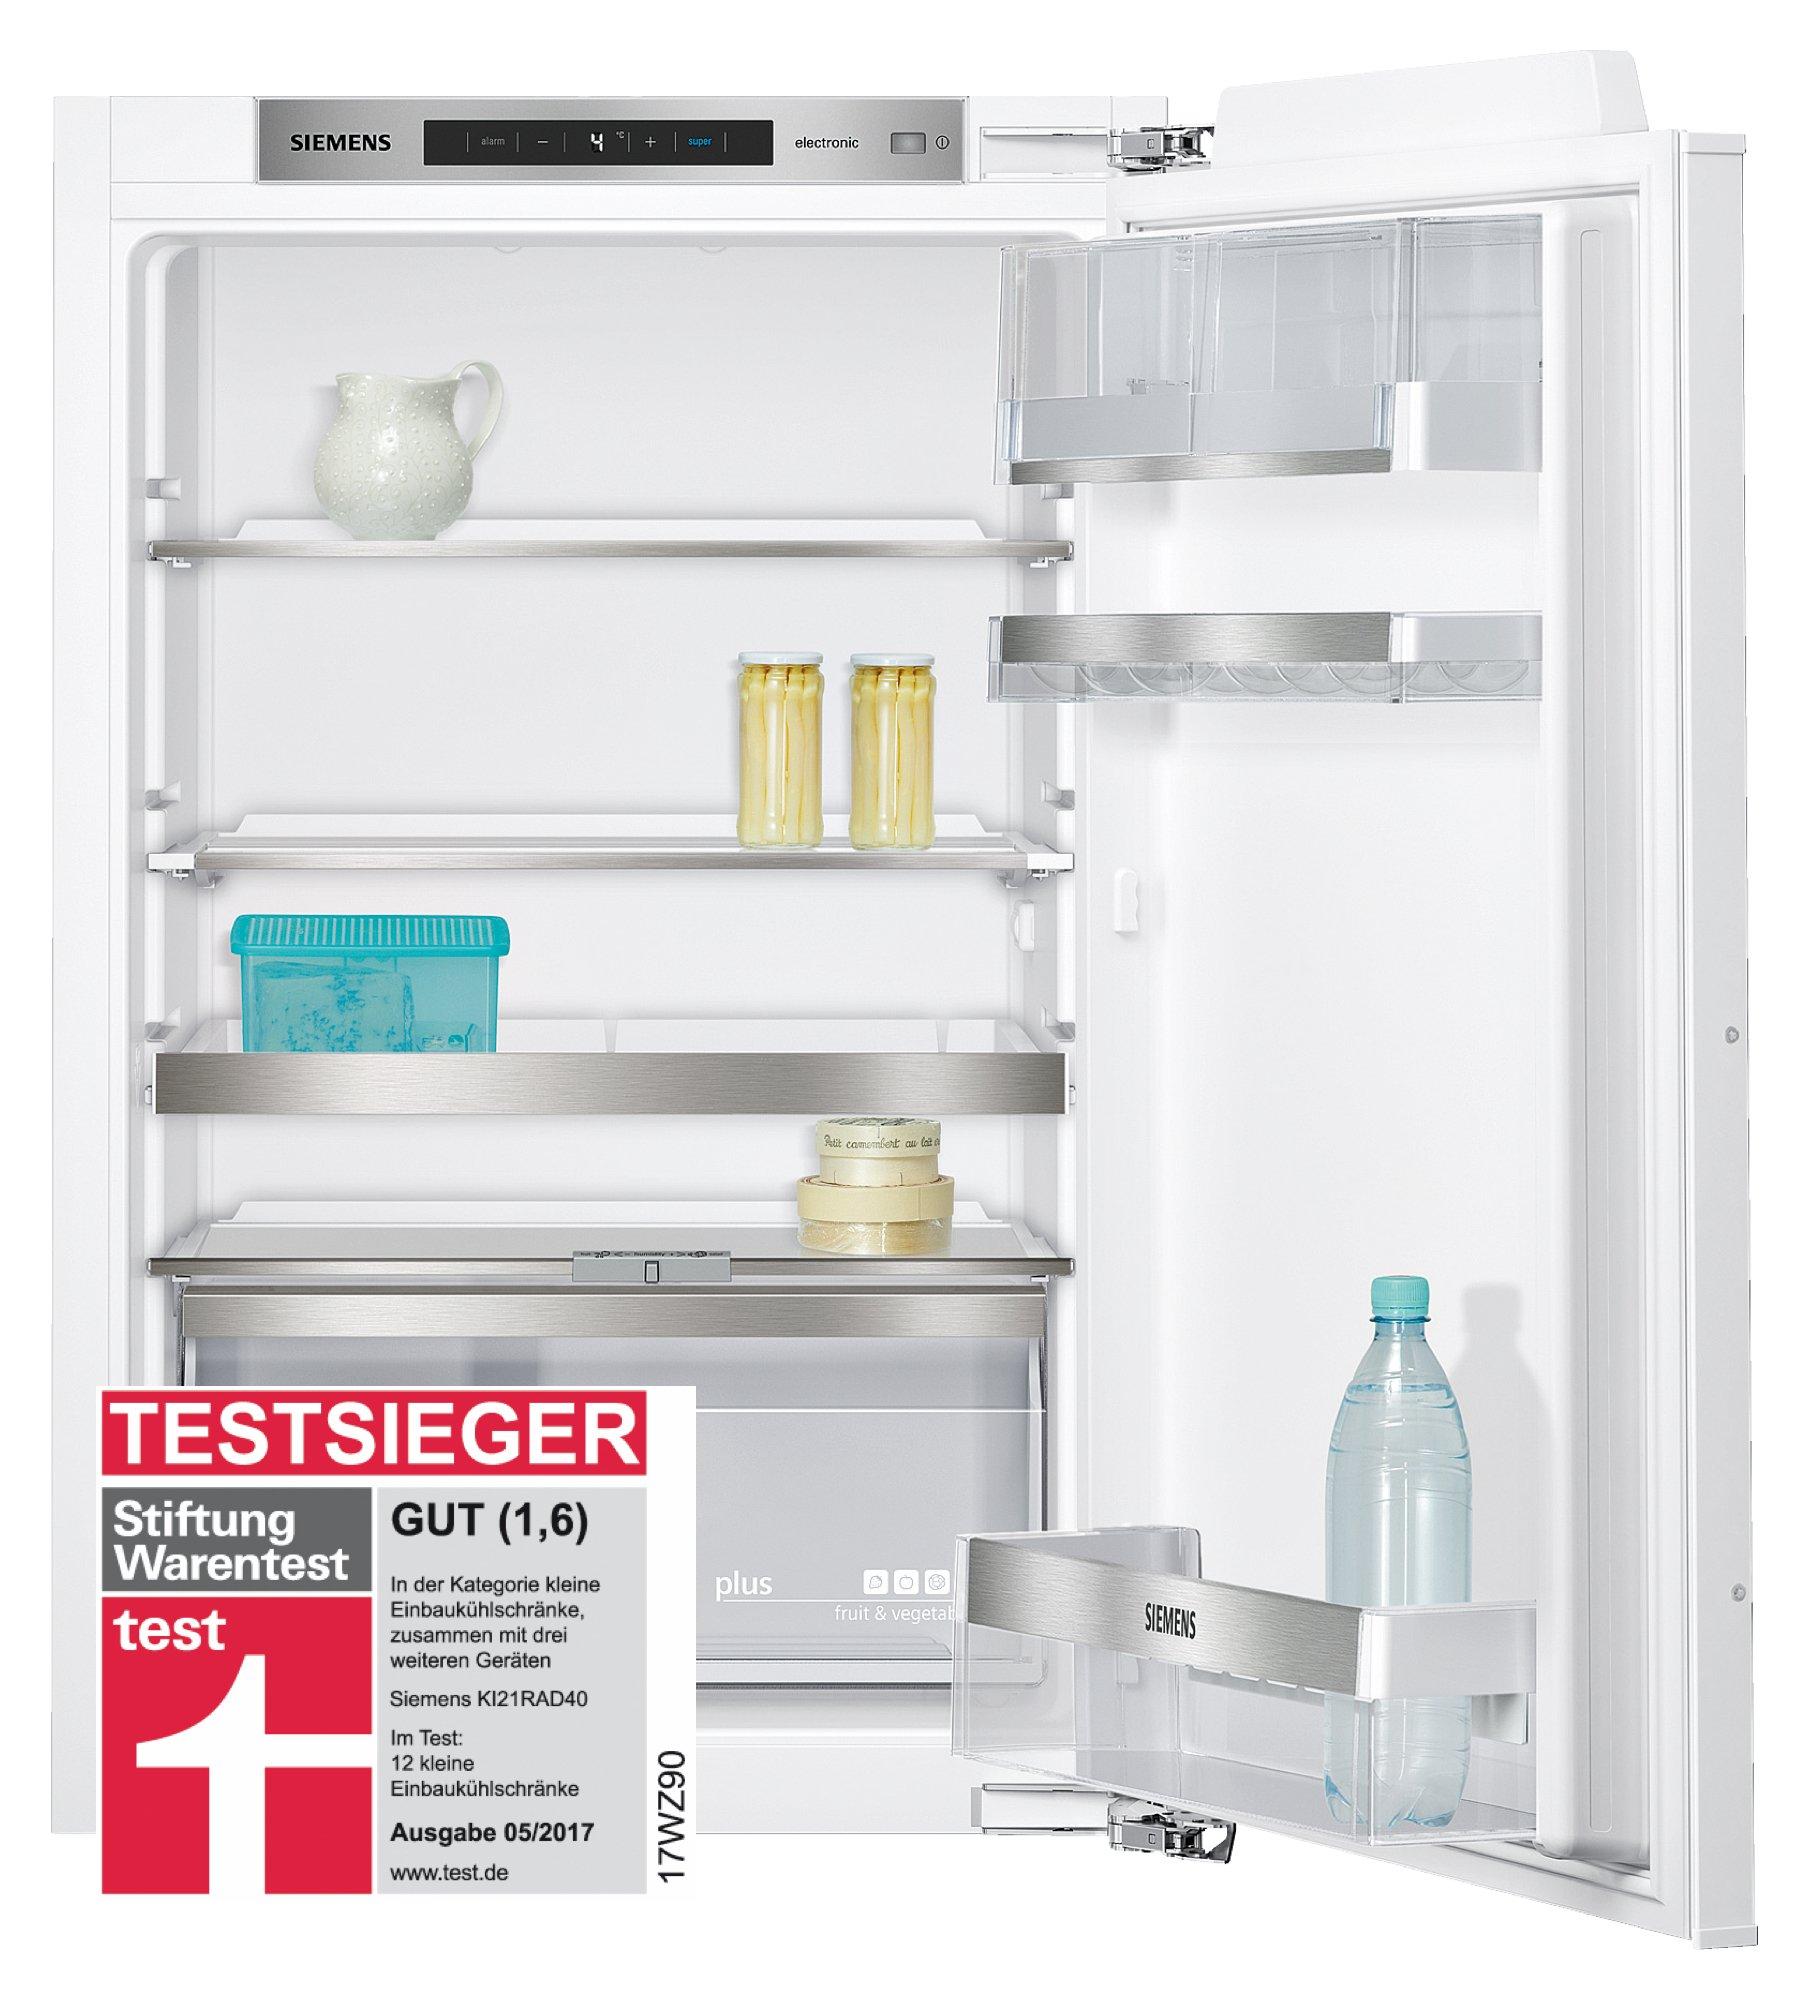 Siemens KI21RAD40 Einbau-Kühlschrank / A+++ / 87.4 cm Höhe / 65 kWh/Jahr / 144 Liter Kühlteil / safetyGlass…